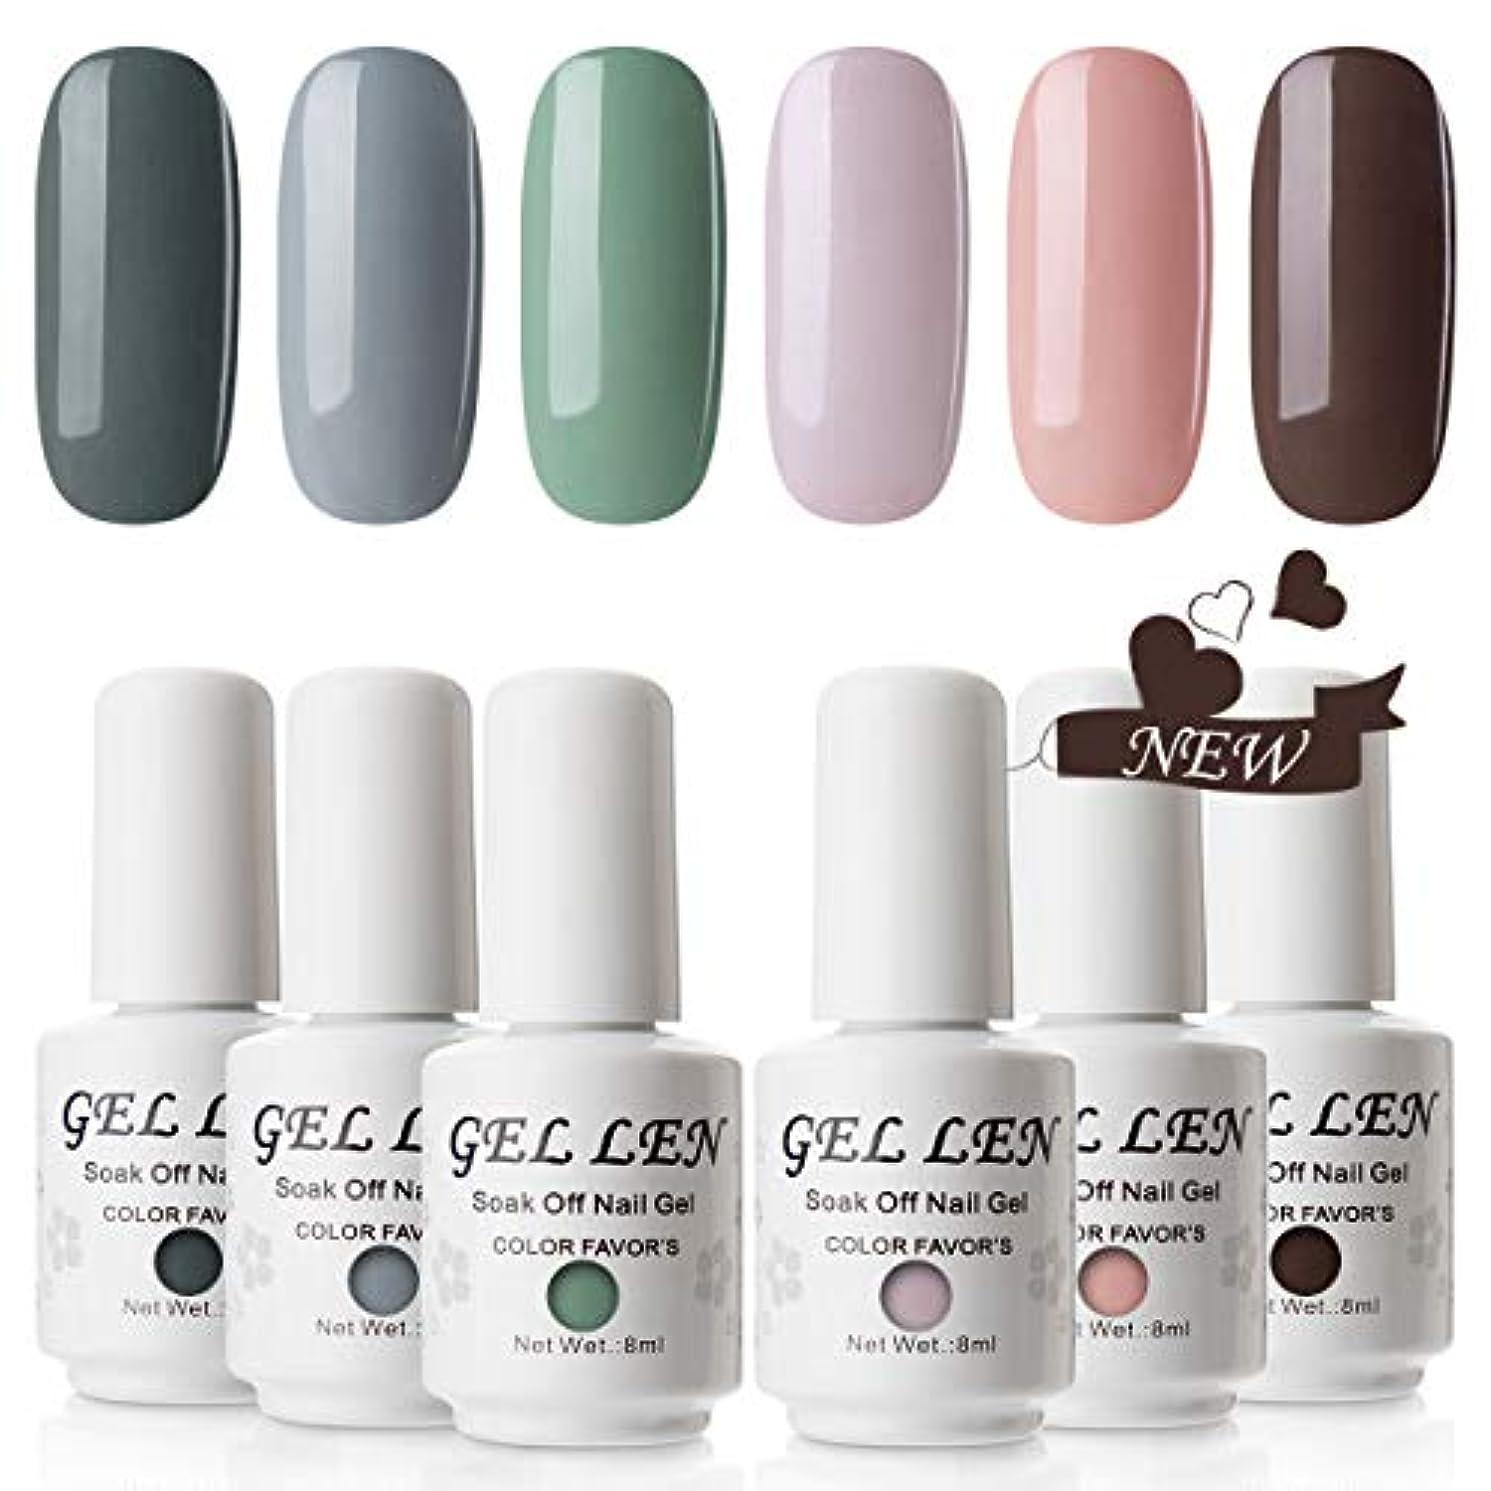 ミサイル扱いやすい緩むGellen ジェルネイル カラージェル 厳選6色 UV/LED ラメ 全ての女性に愛されるカラー 8ml くすみカラー 和色